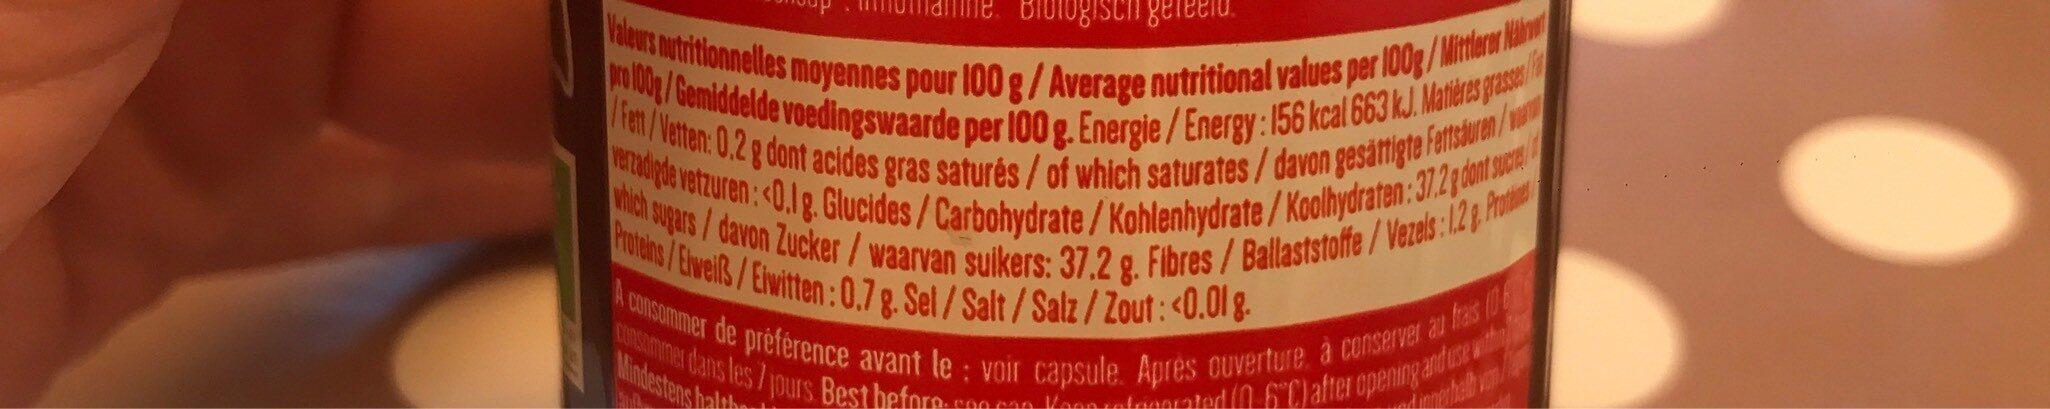 Sublim'bio fraise - Nutrition facts - fr